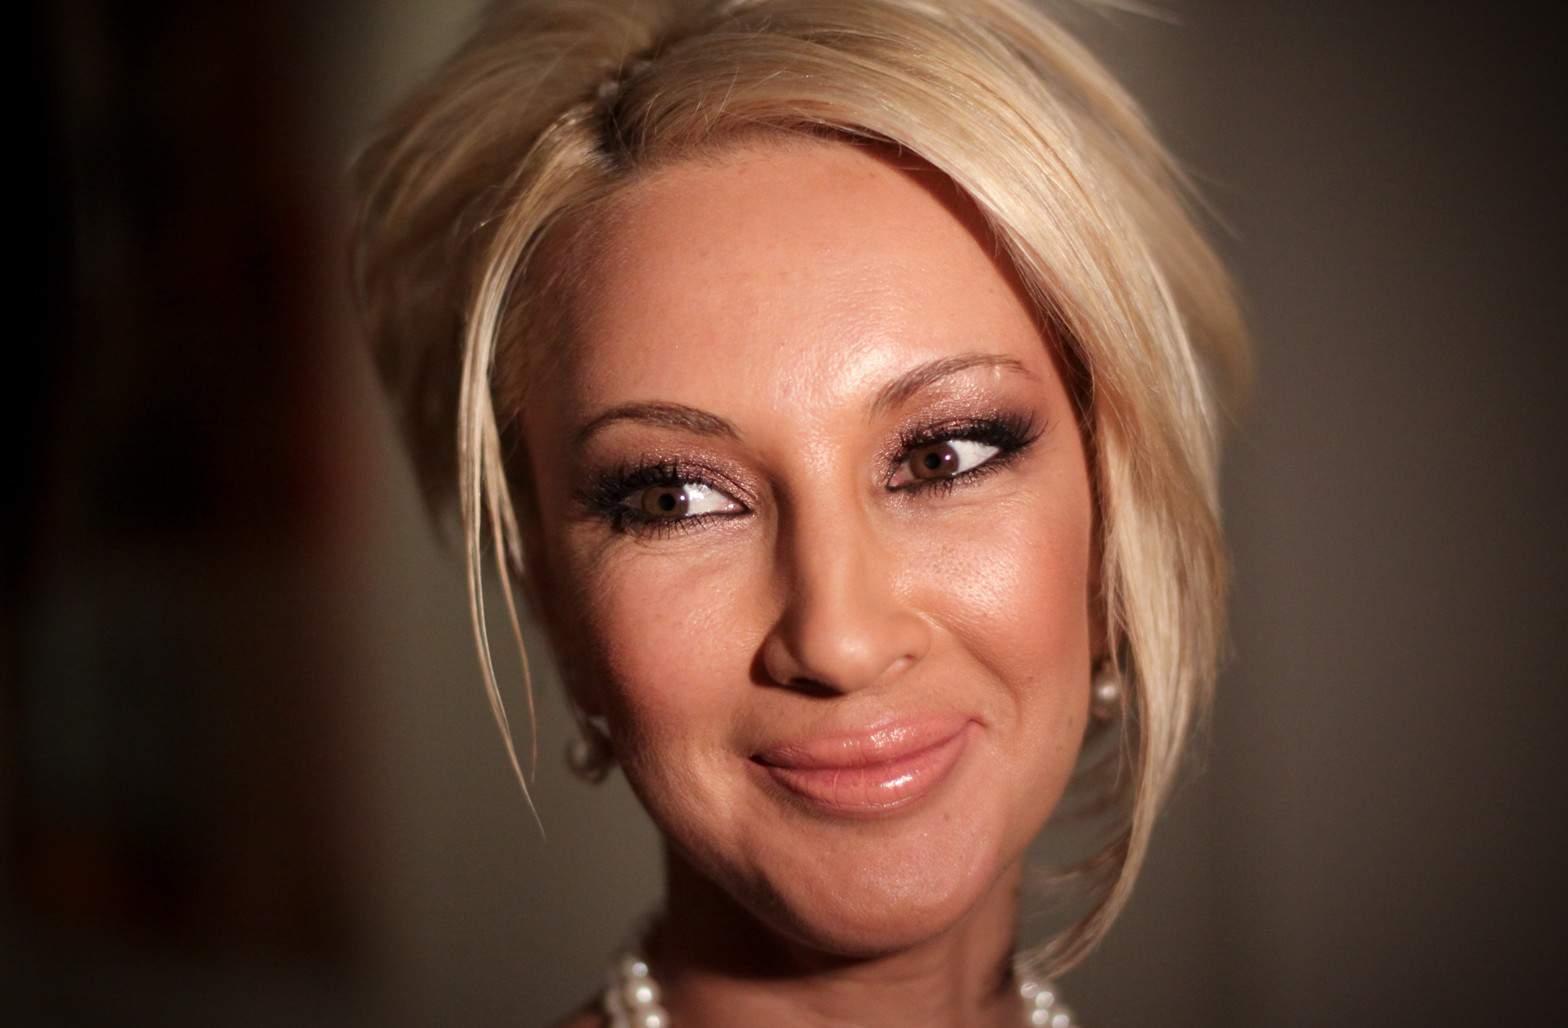 Лера Кудрявцева рассказала о своих пластических операциях